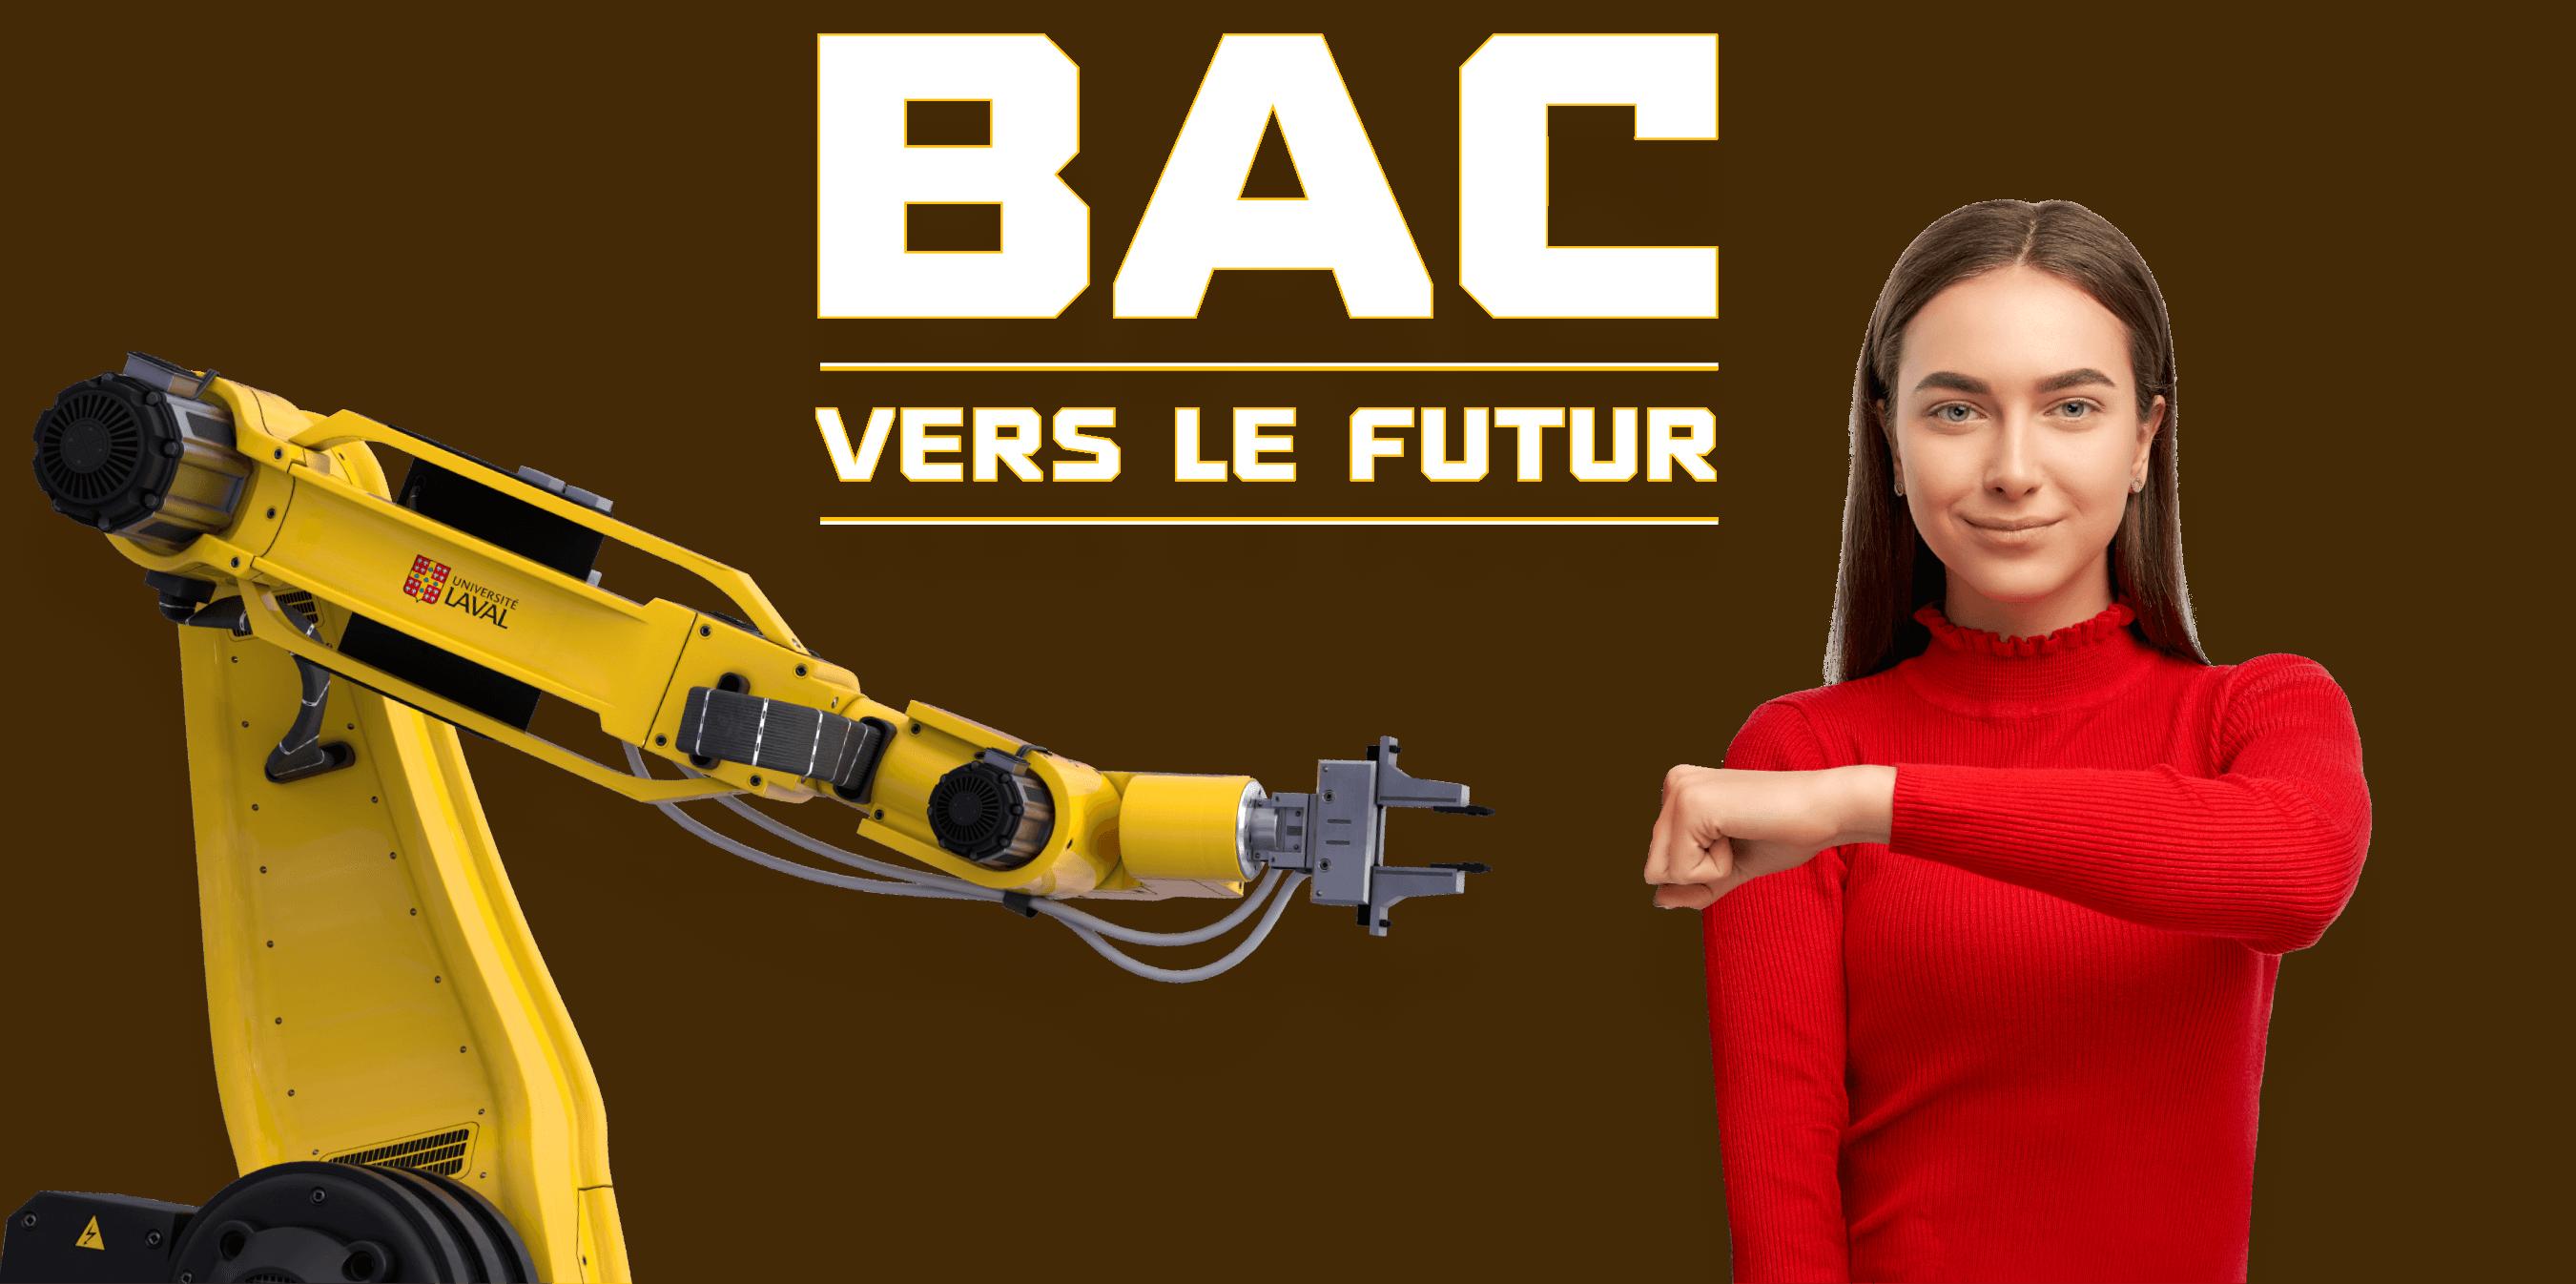 Bac vers le futur | Département des relations industrielles | Université Laval